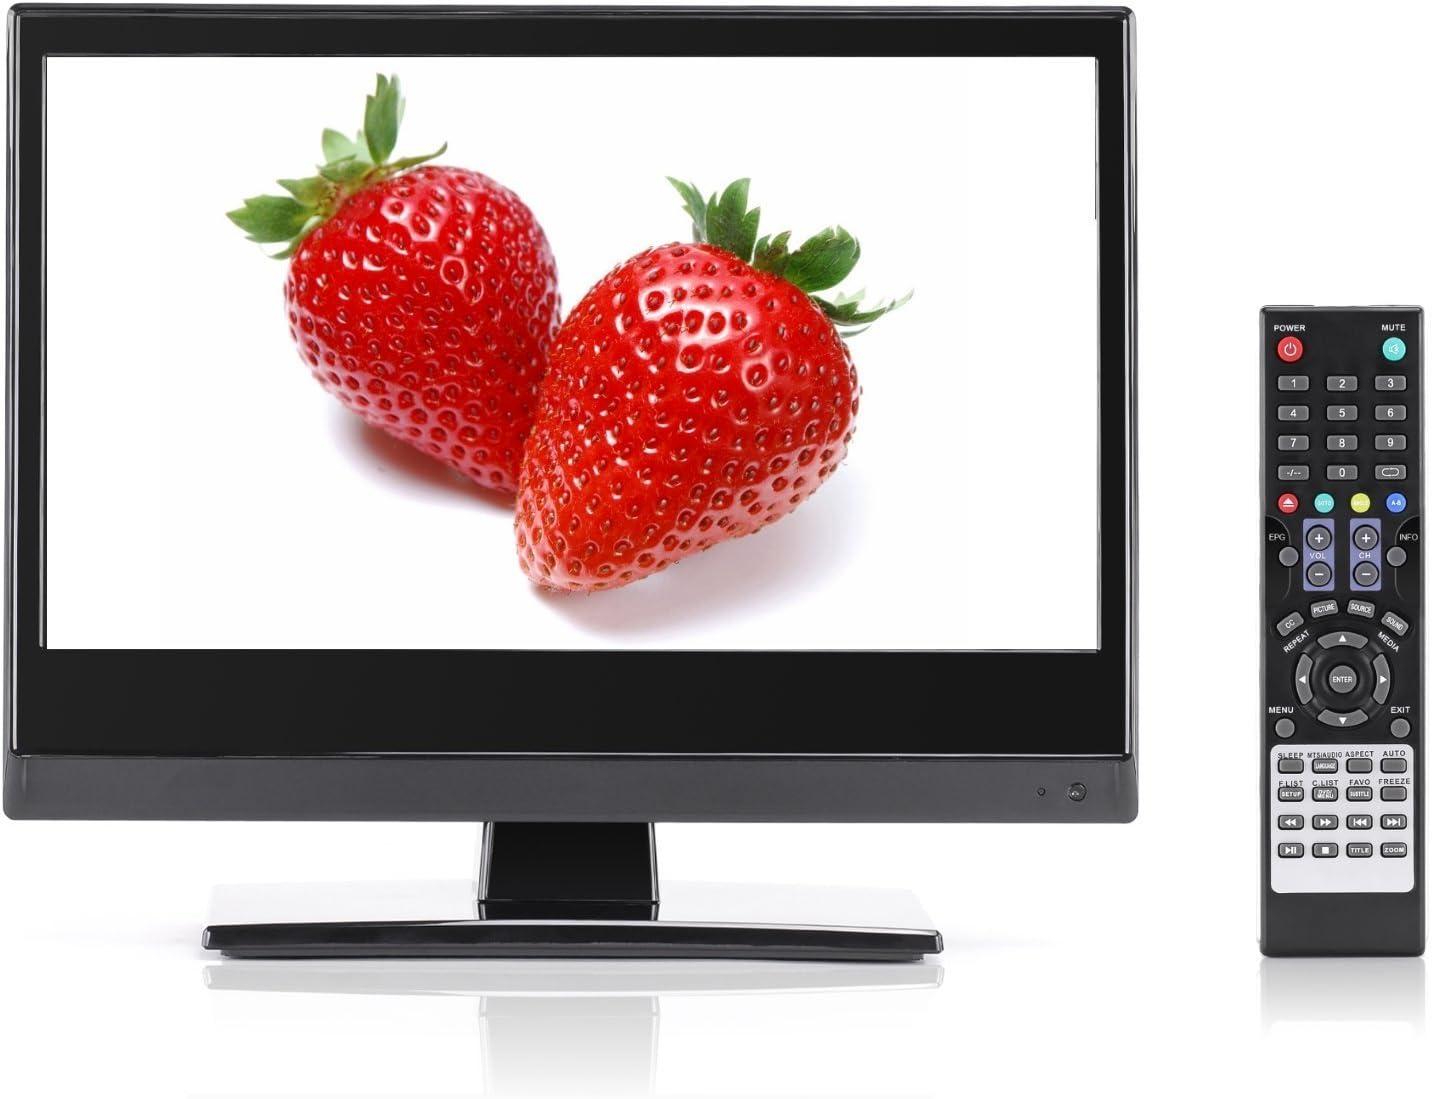 Televisor de pantalla plana pequeño, perfecto para cocina, TV LED ...